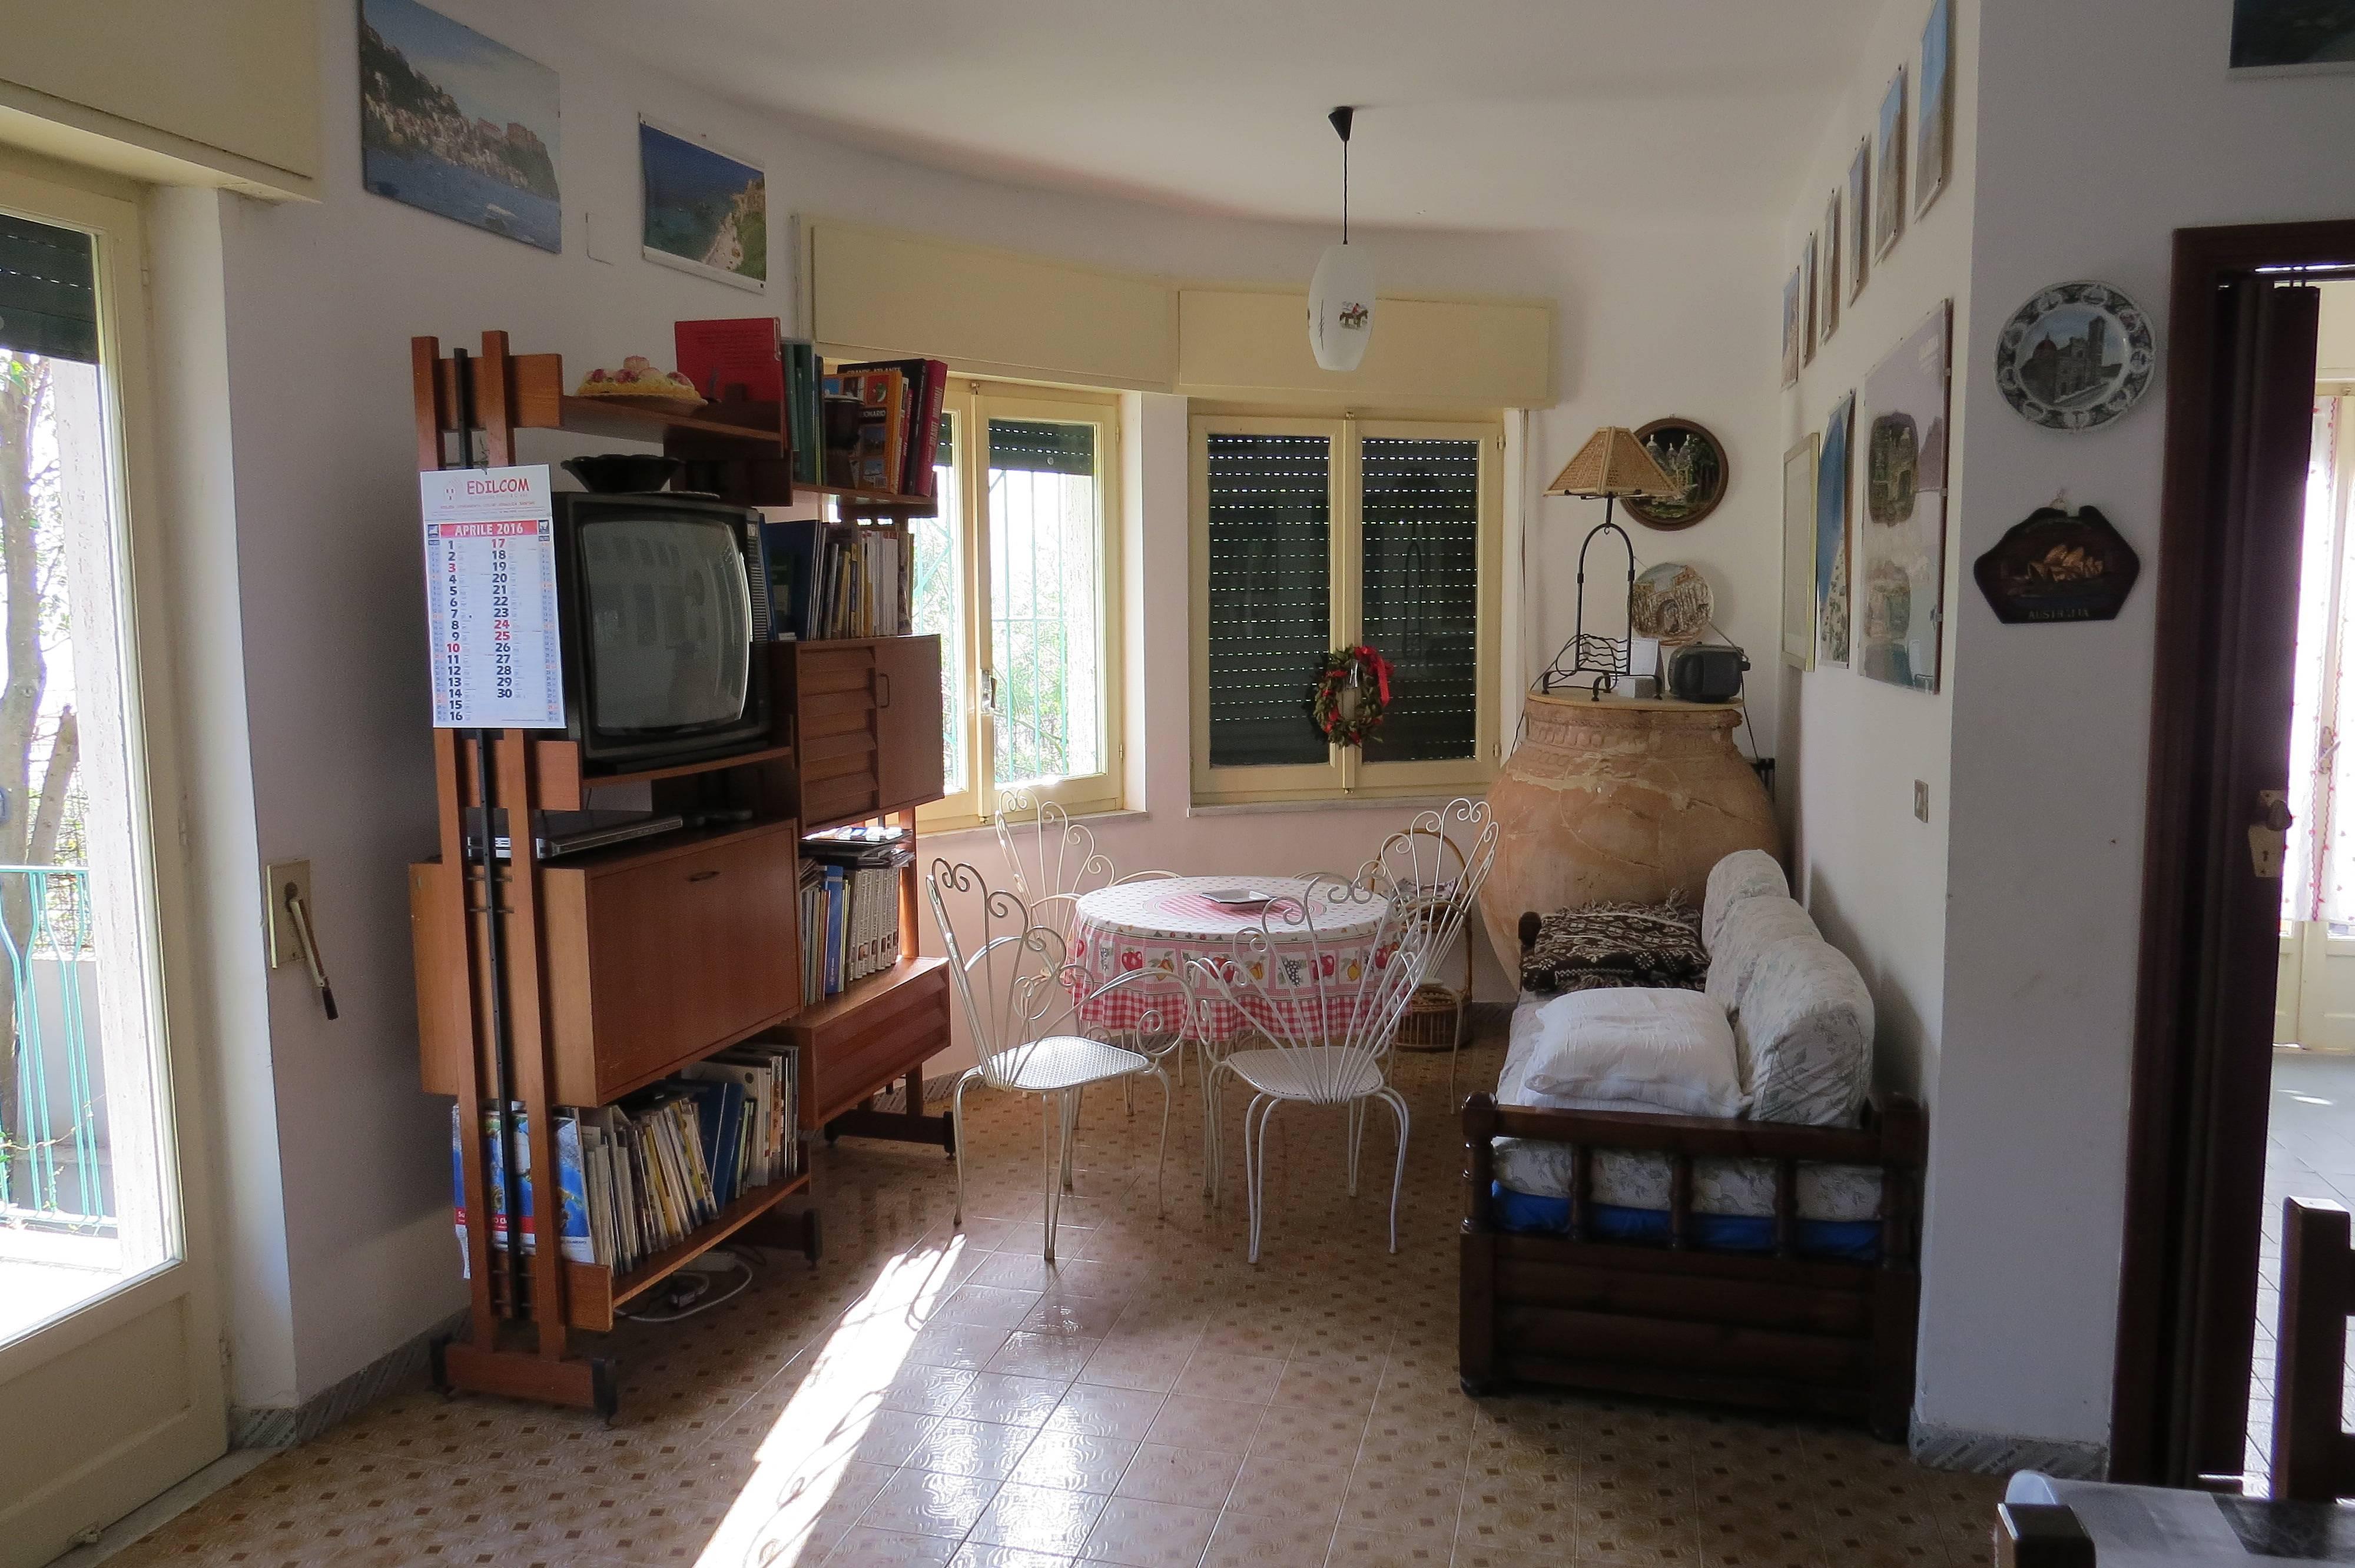 Affitti case vacanze villa san giovanni appartamenti for Affitti arredati reggio calabria